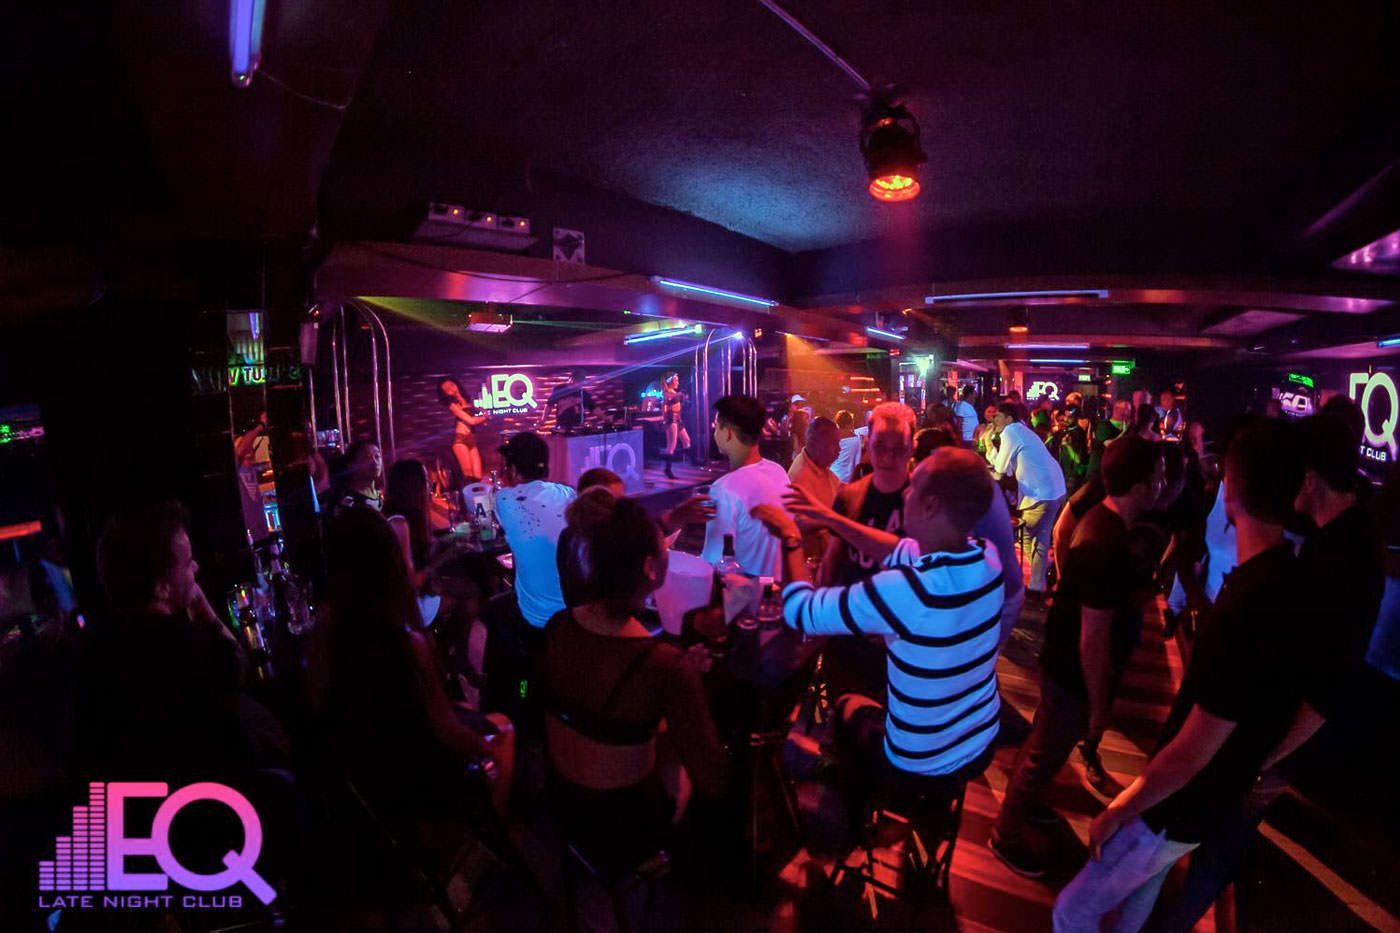 EQ Late Club Bangkok